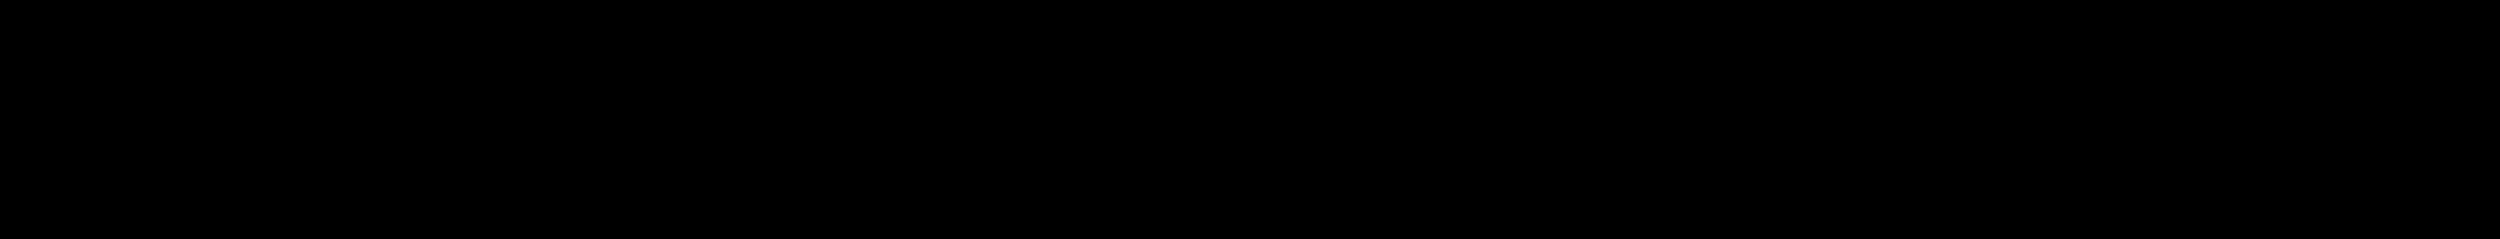 kashaya-ayur-co-03-02.png